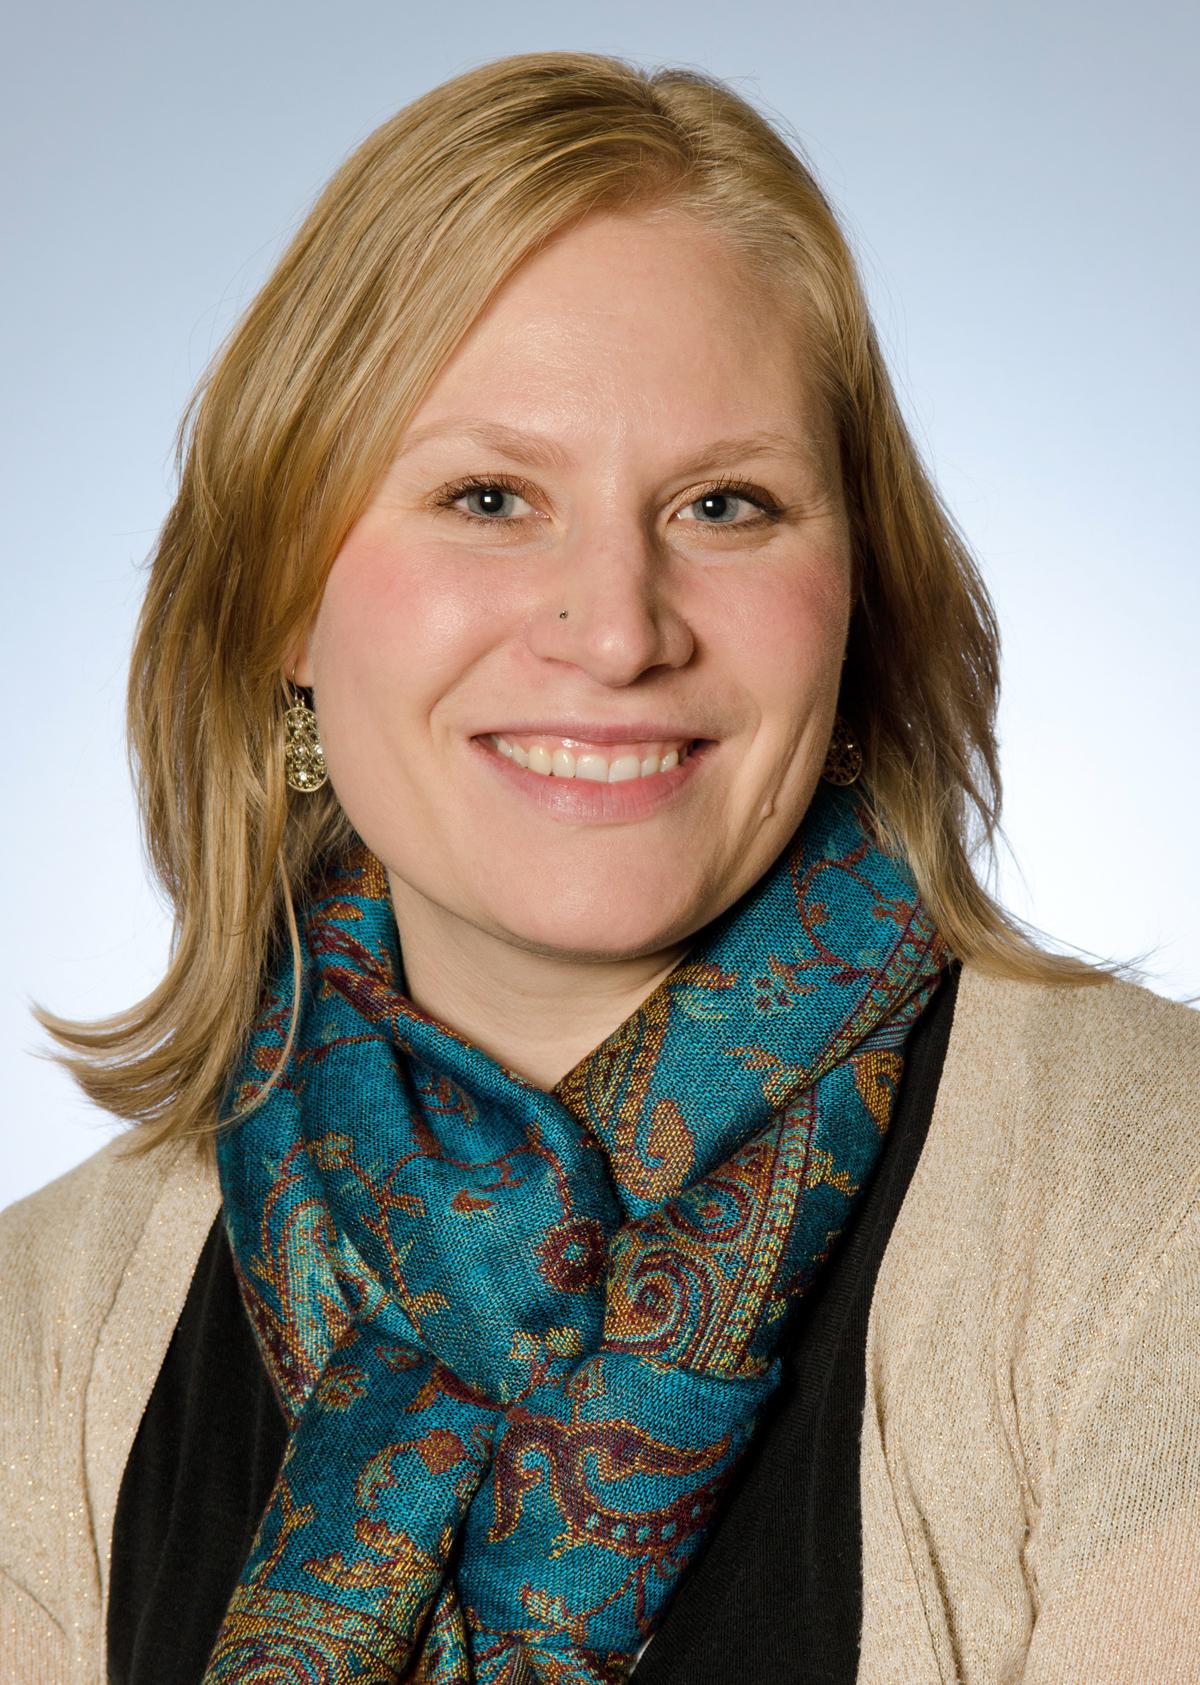 KatieBerfeldt